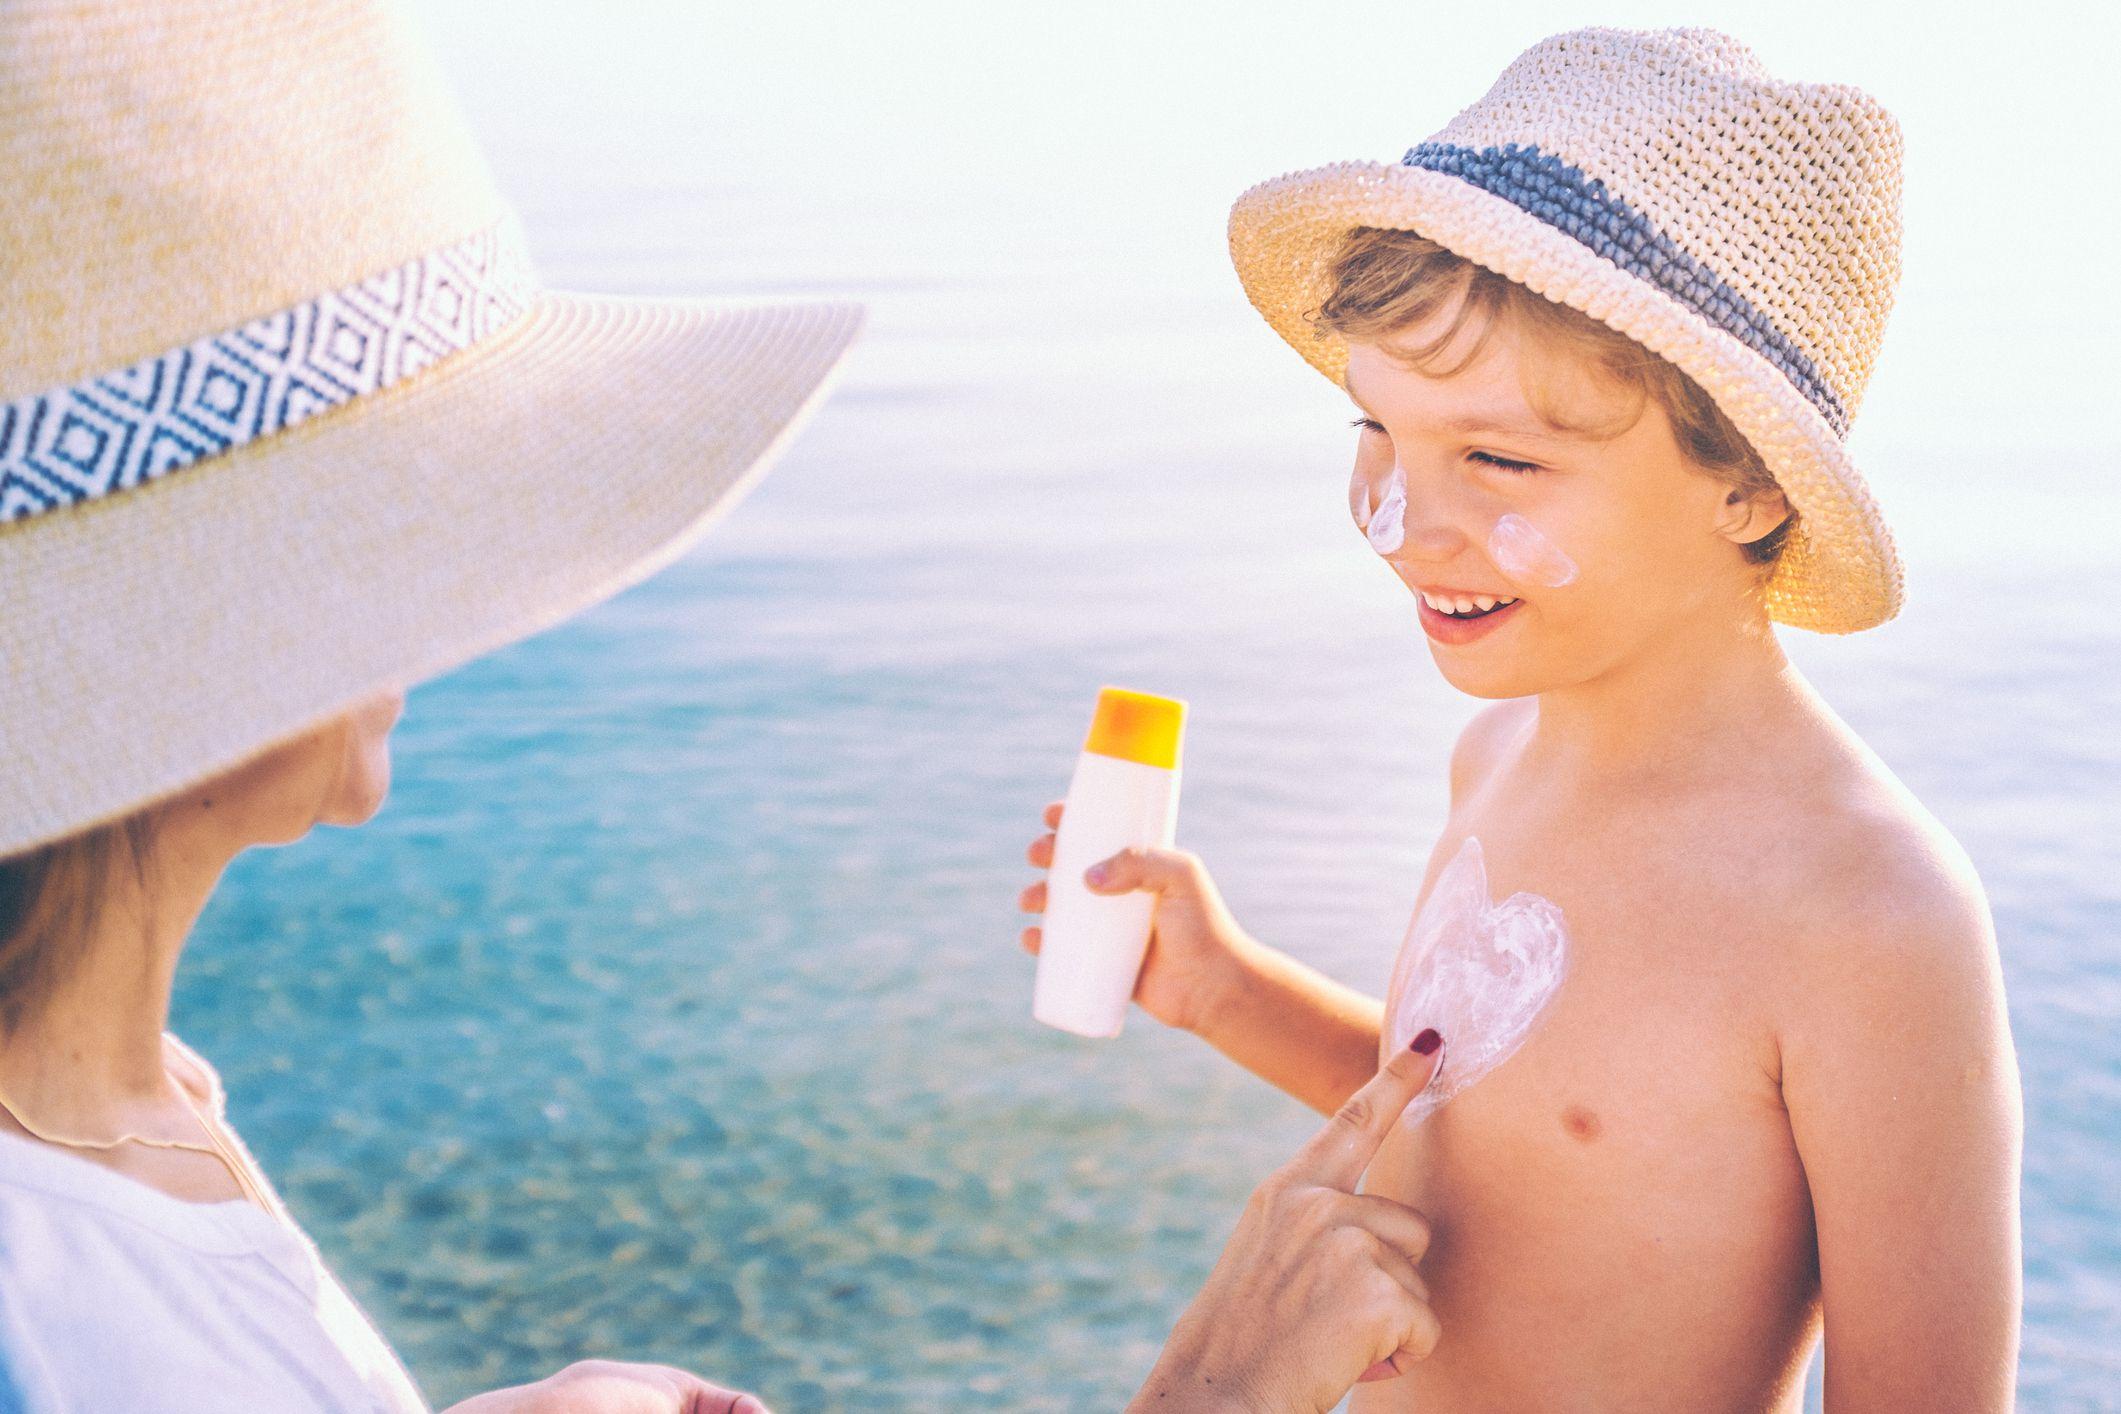 Filho recebe protetor solar da mãe: exposição ao sol dever ser feita de forma moderada